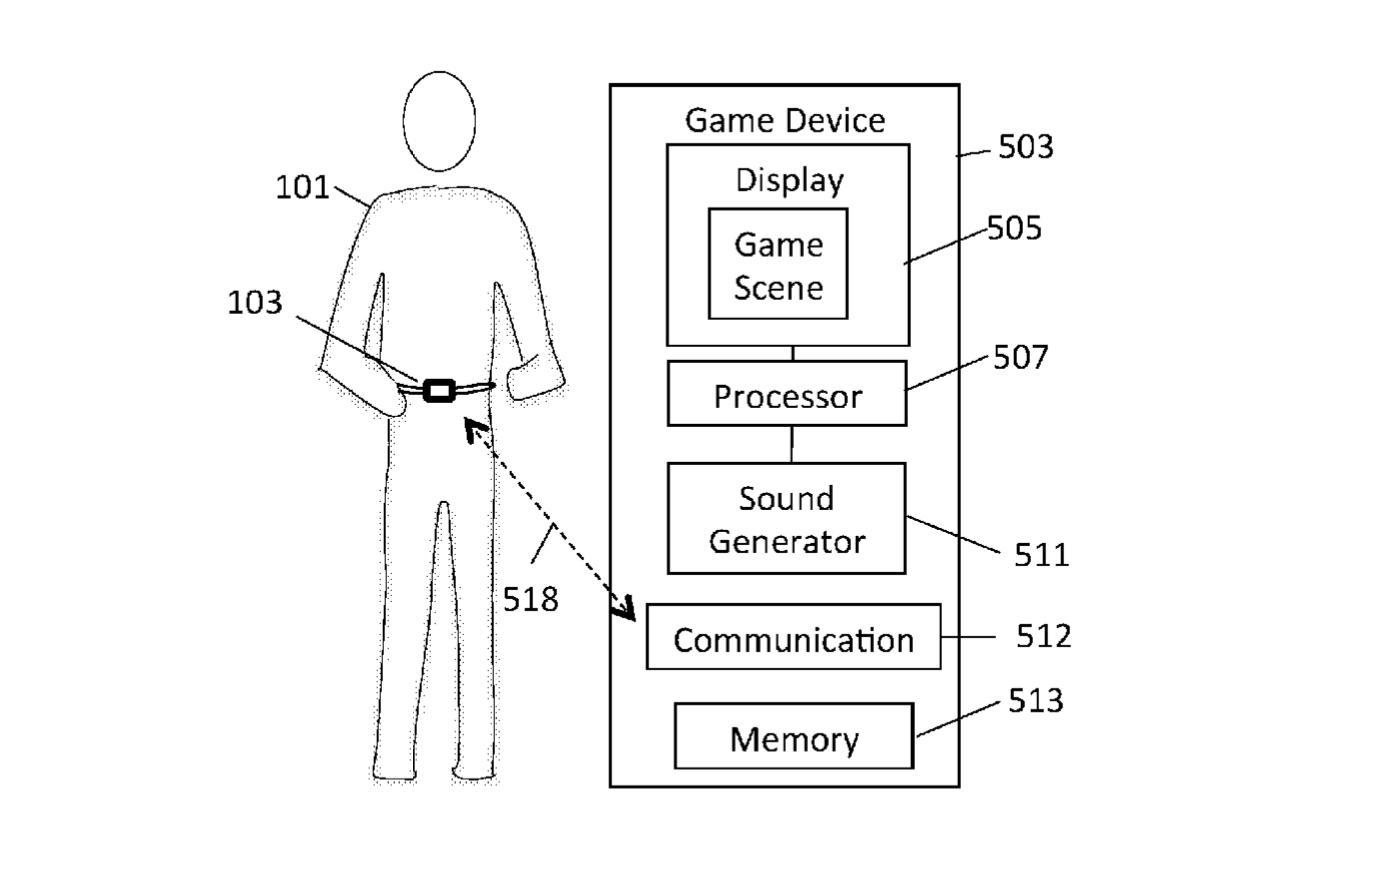 Качаем пресс с помощью игрового контроллера, или 8 необычных патентов на устройства ввода - 2